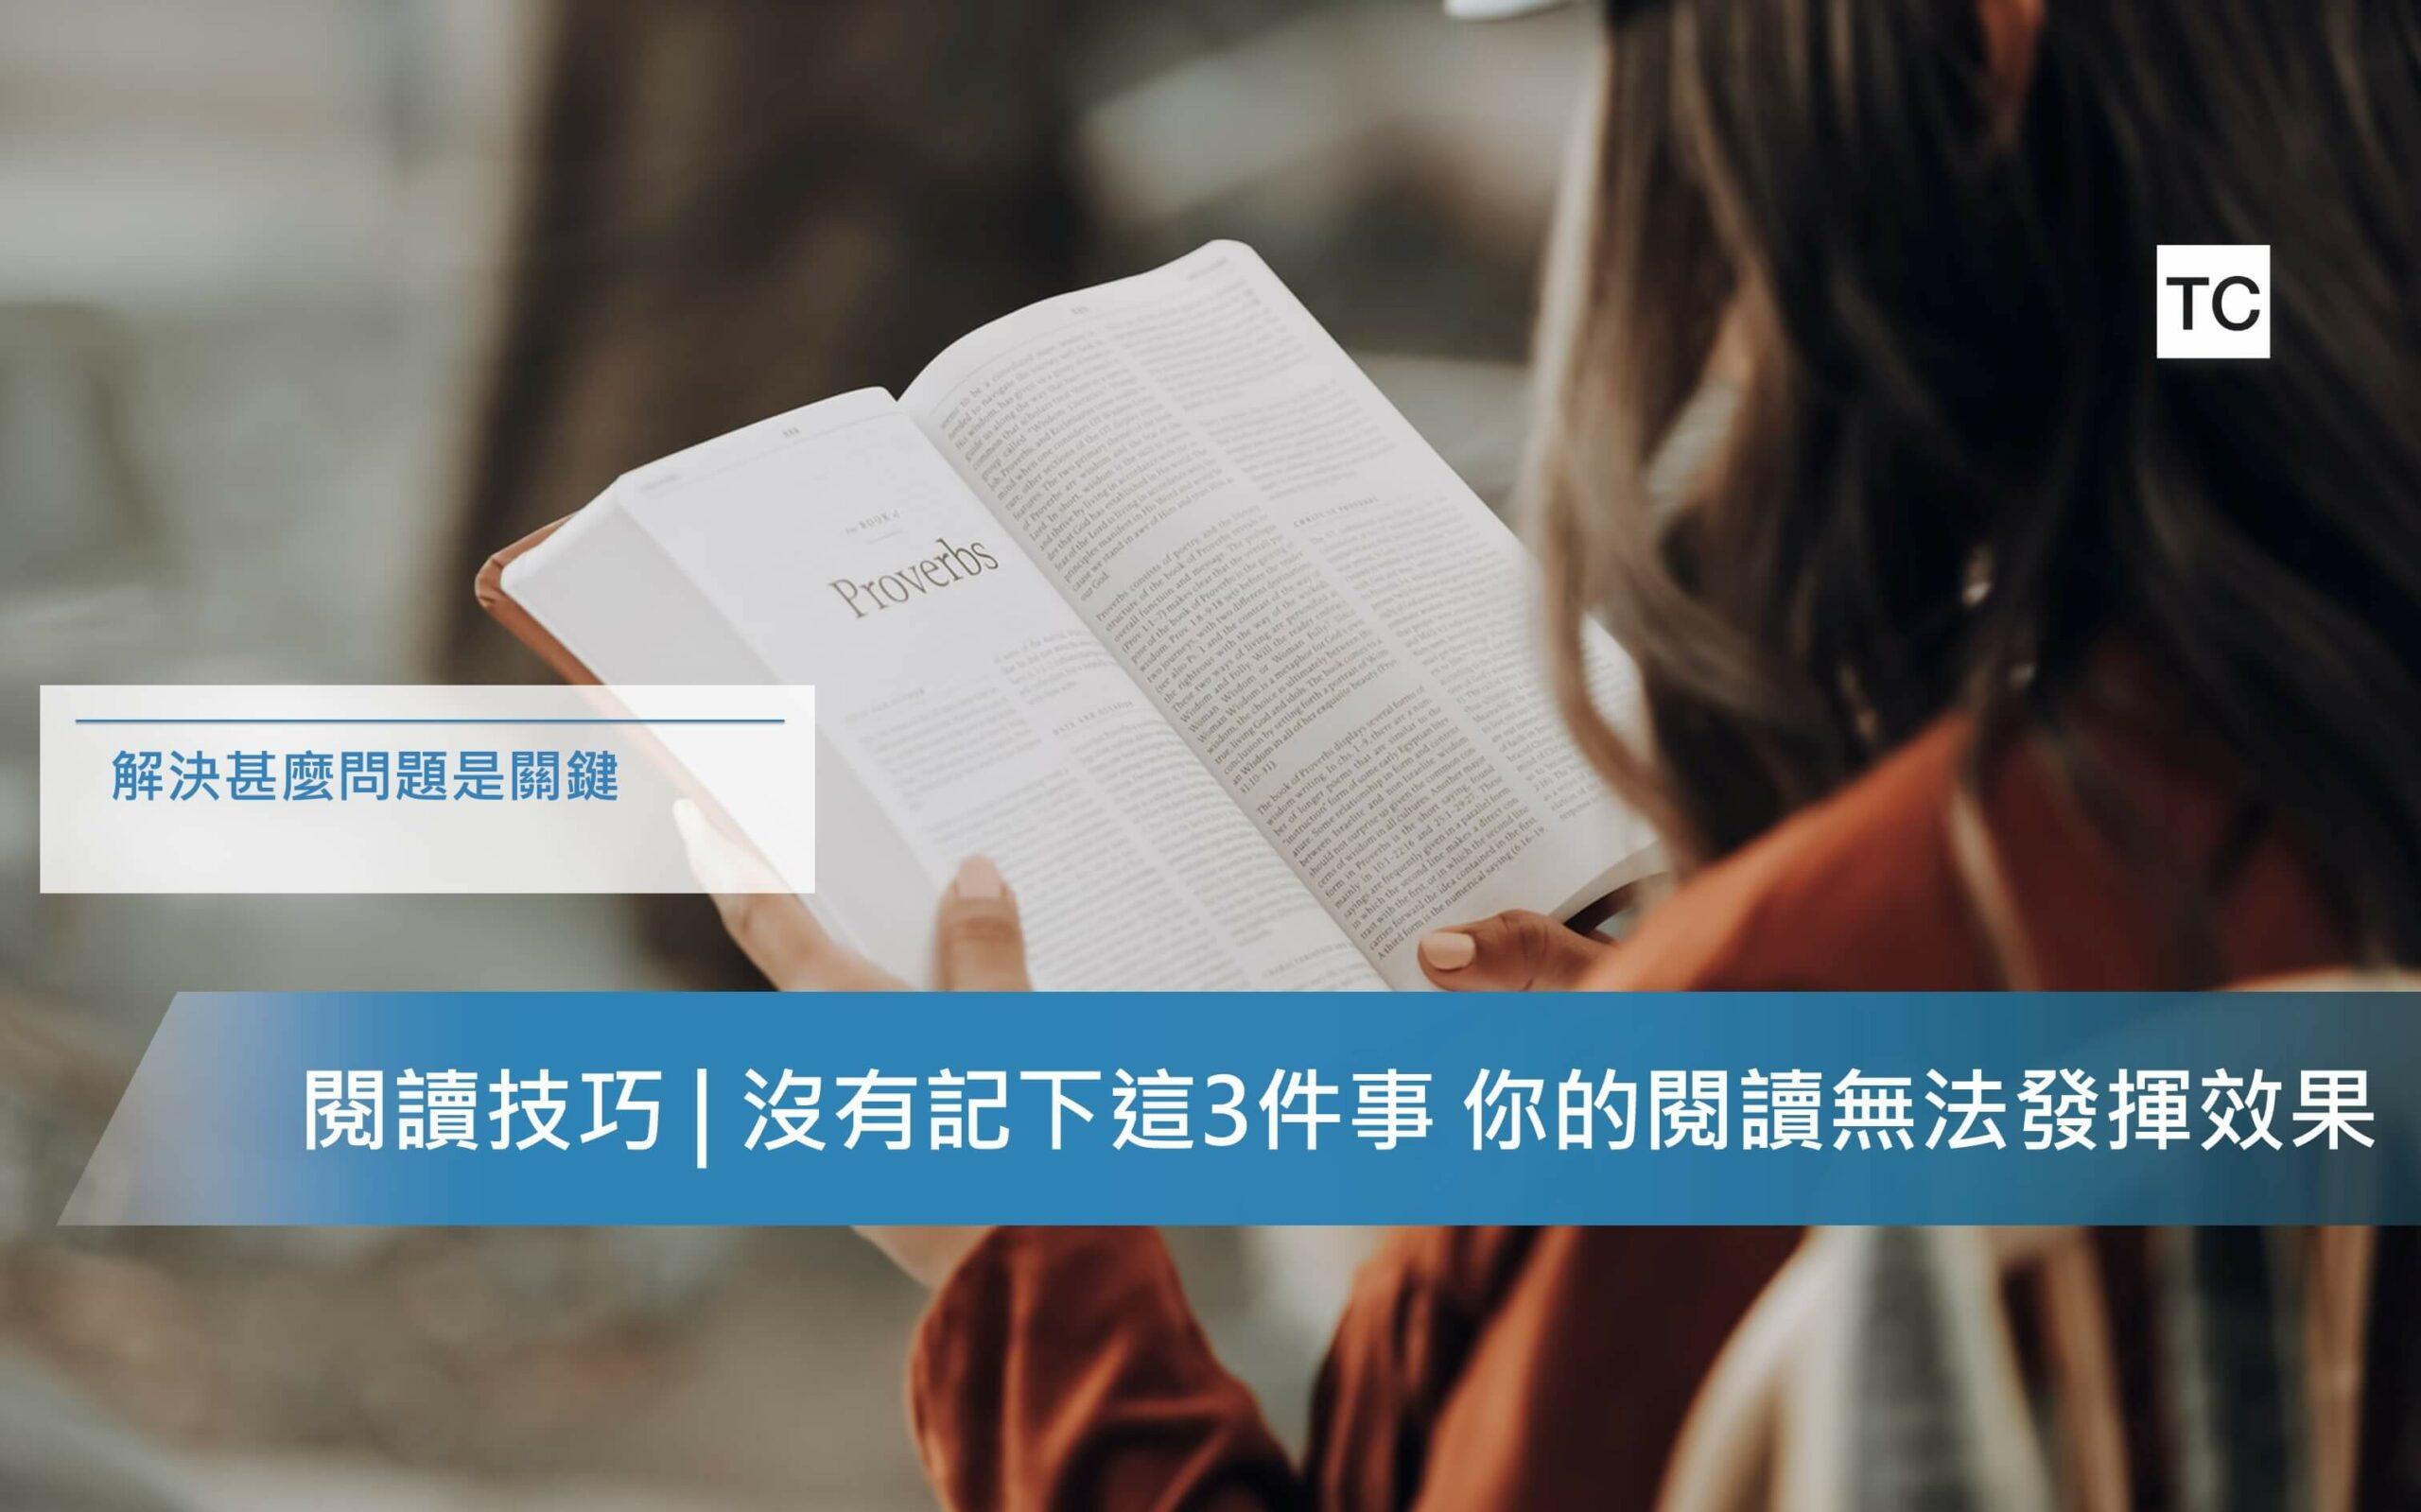 閱讀技巧|讀書最重要的3件事,做了這些你的閱讀才有意義!